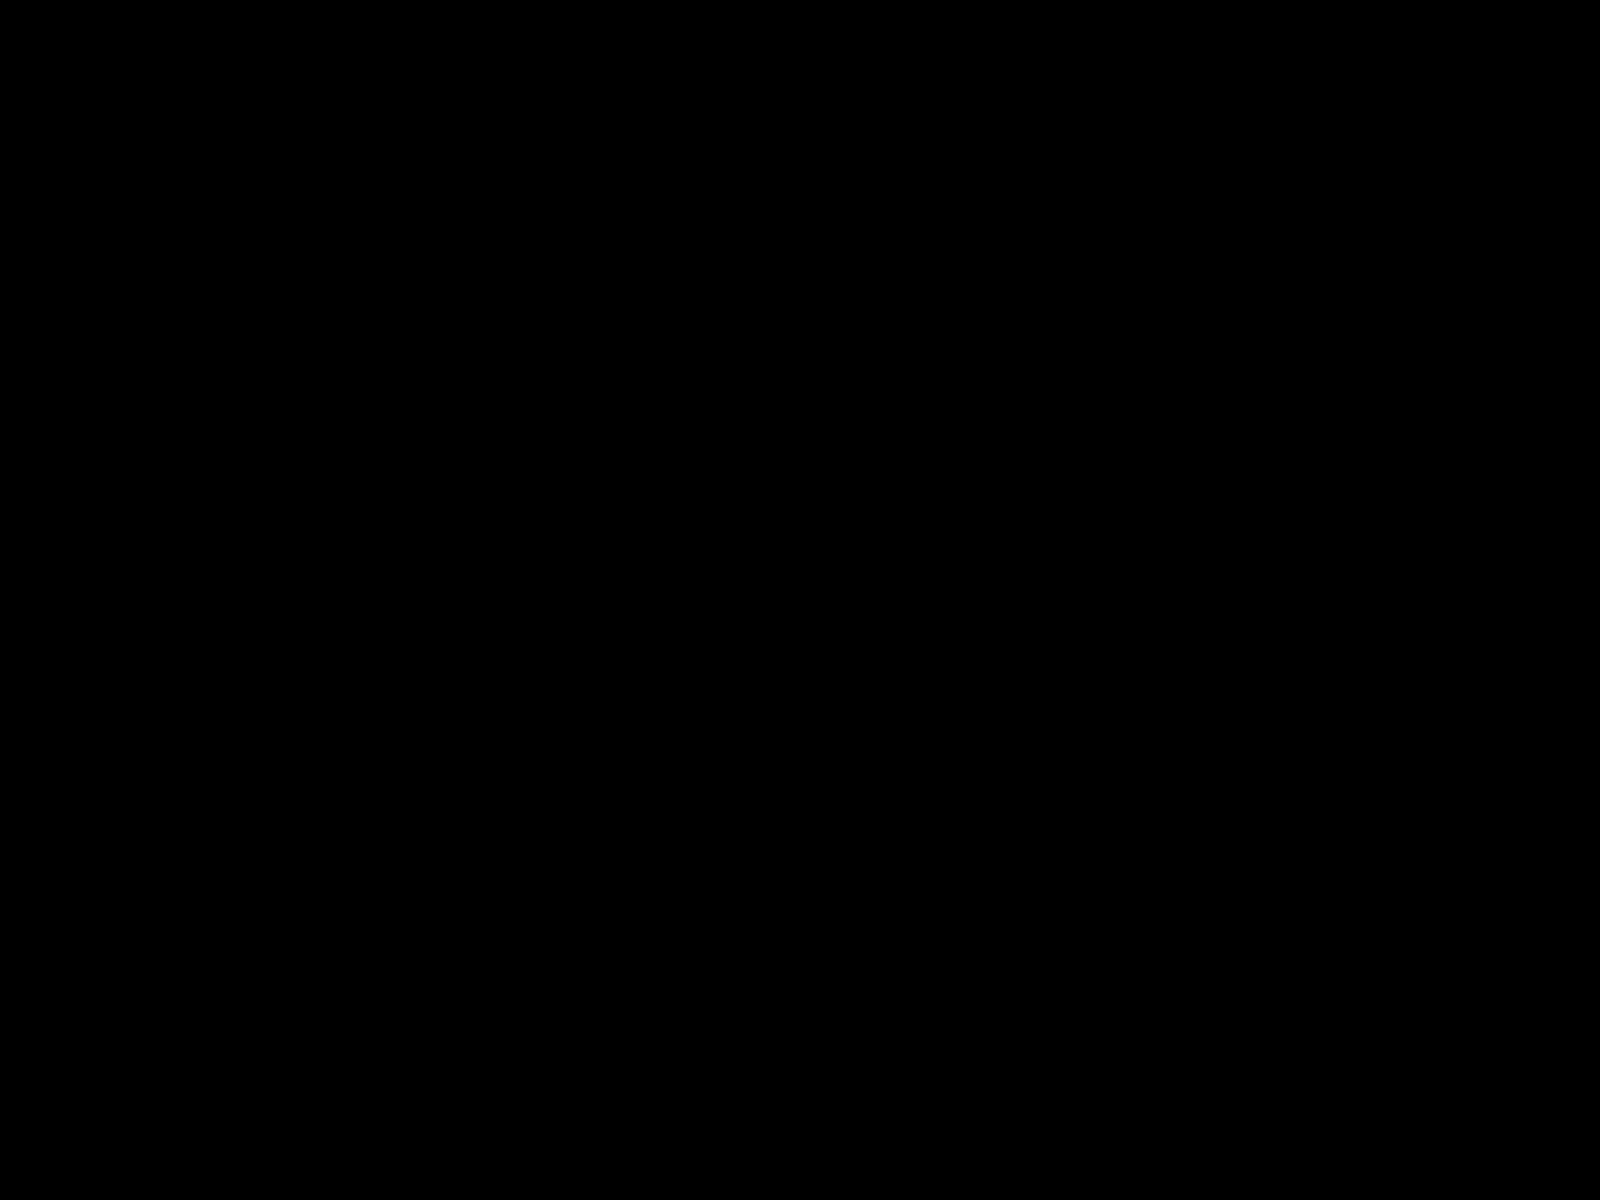 Die Auxilius zum 3. Mal bereits beim B2Run Firmenlauf 2018